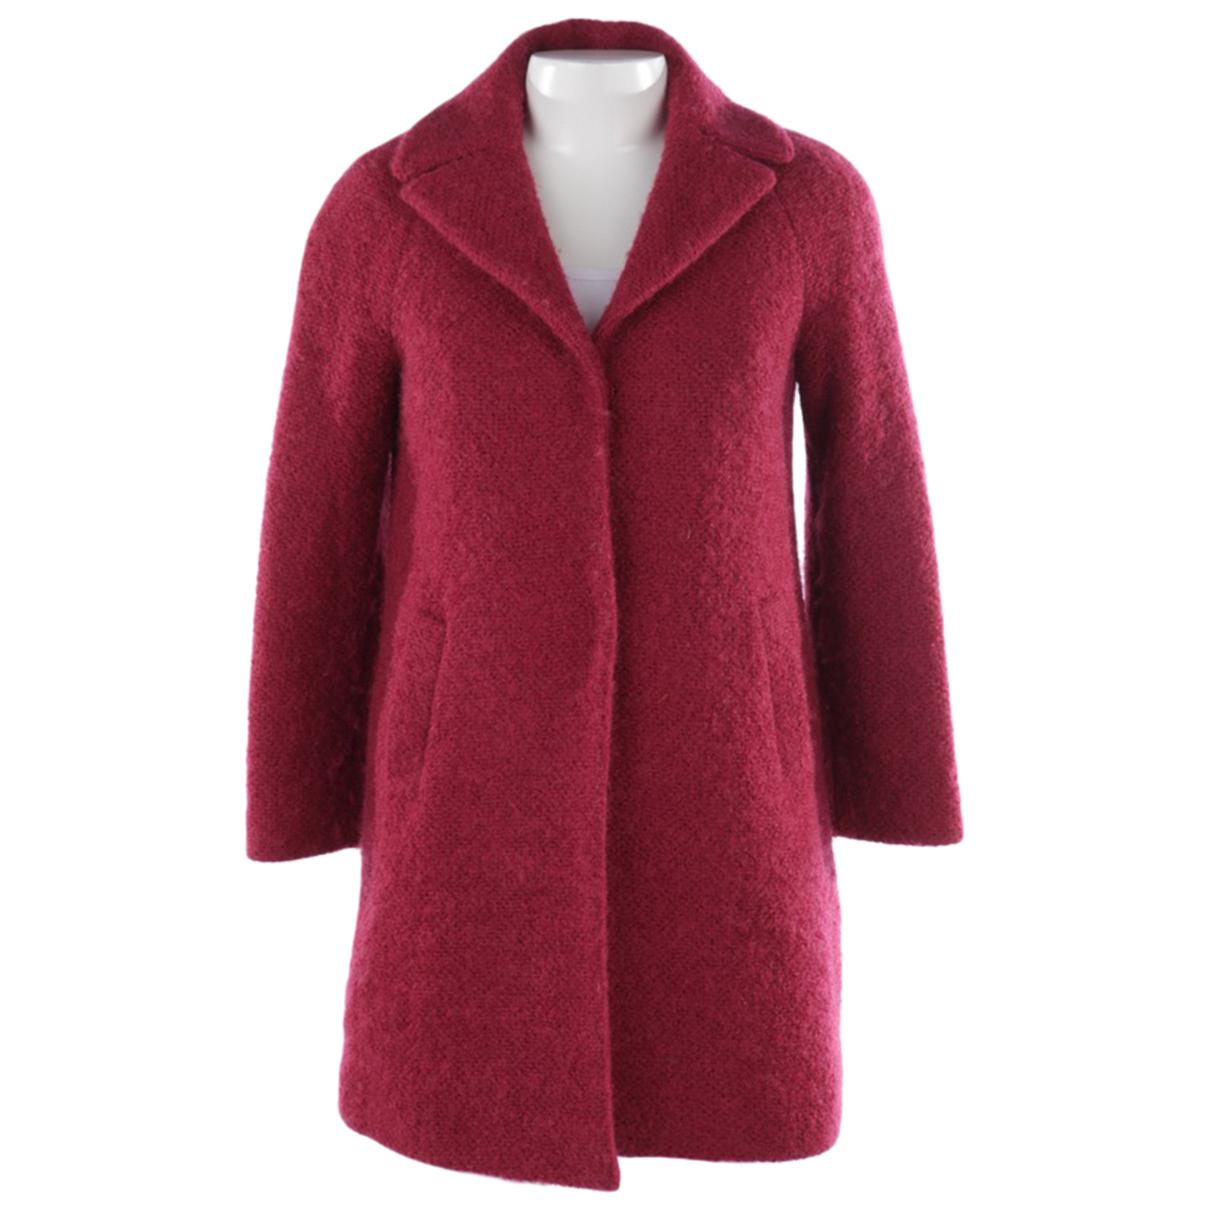 Autre Marque - Veste   pour femme en laine - rouge